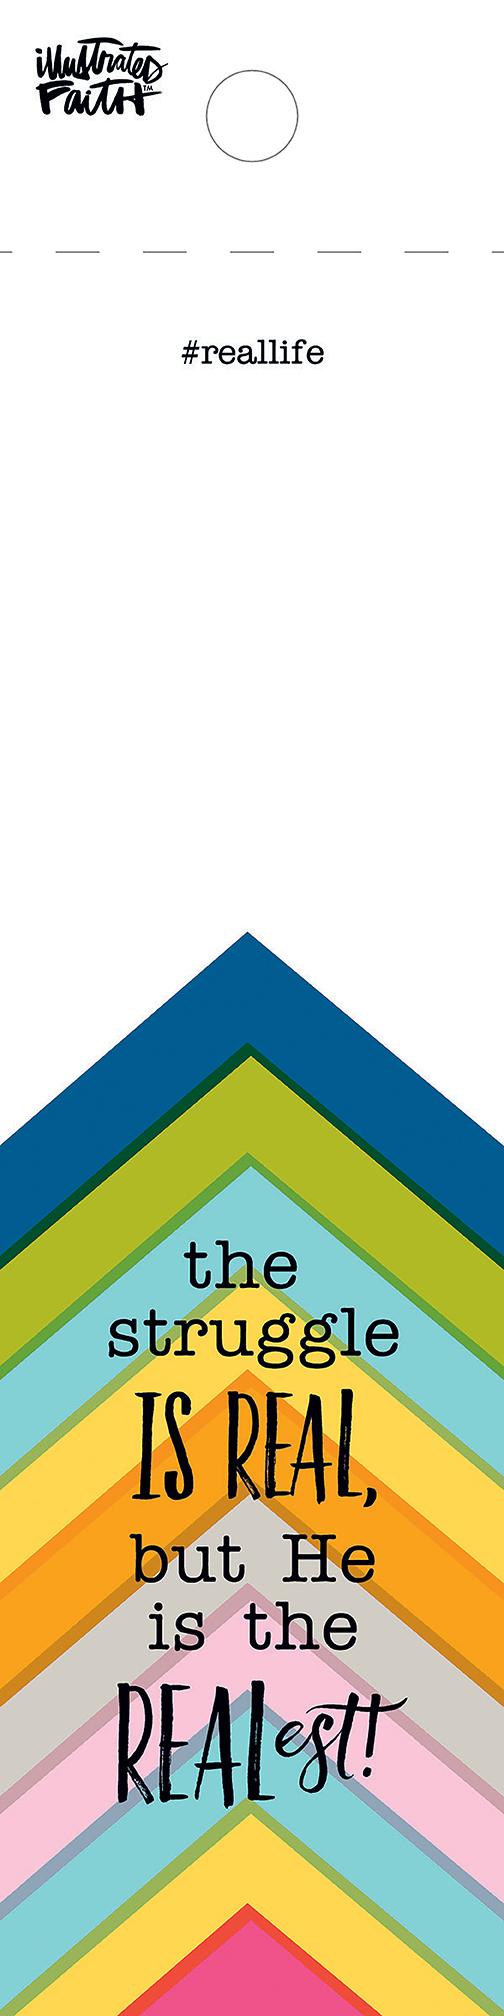 1406_TIP_INS-11